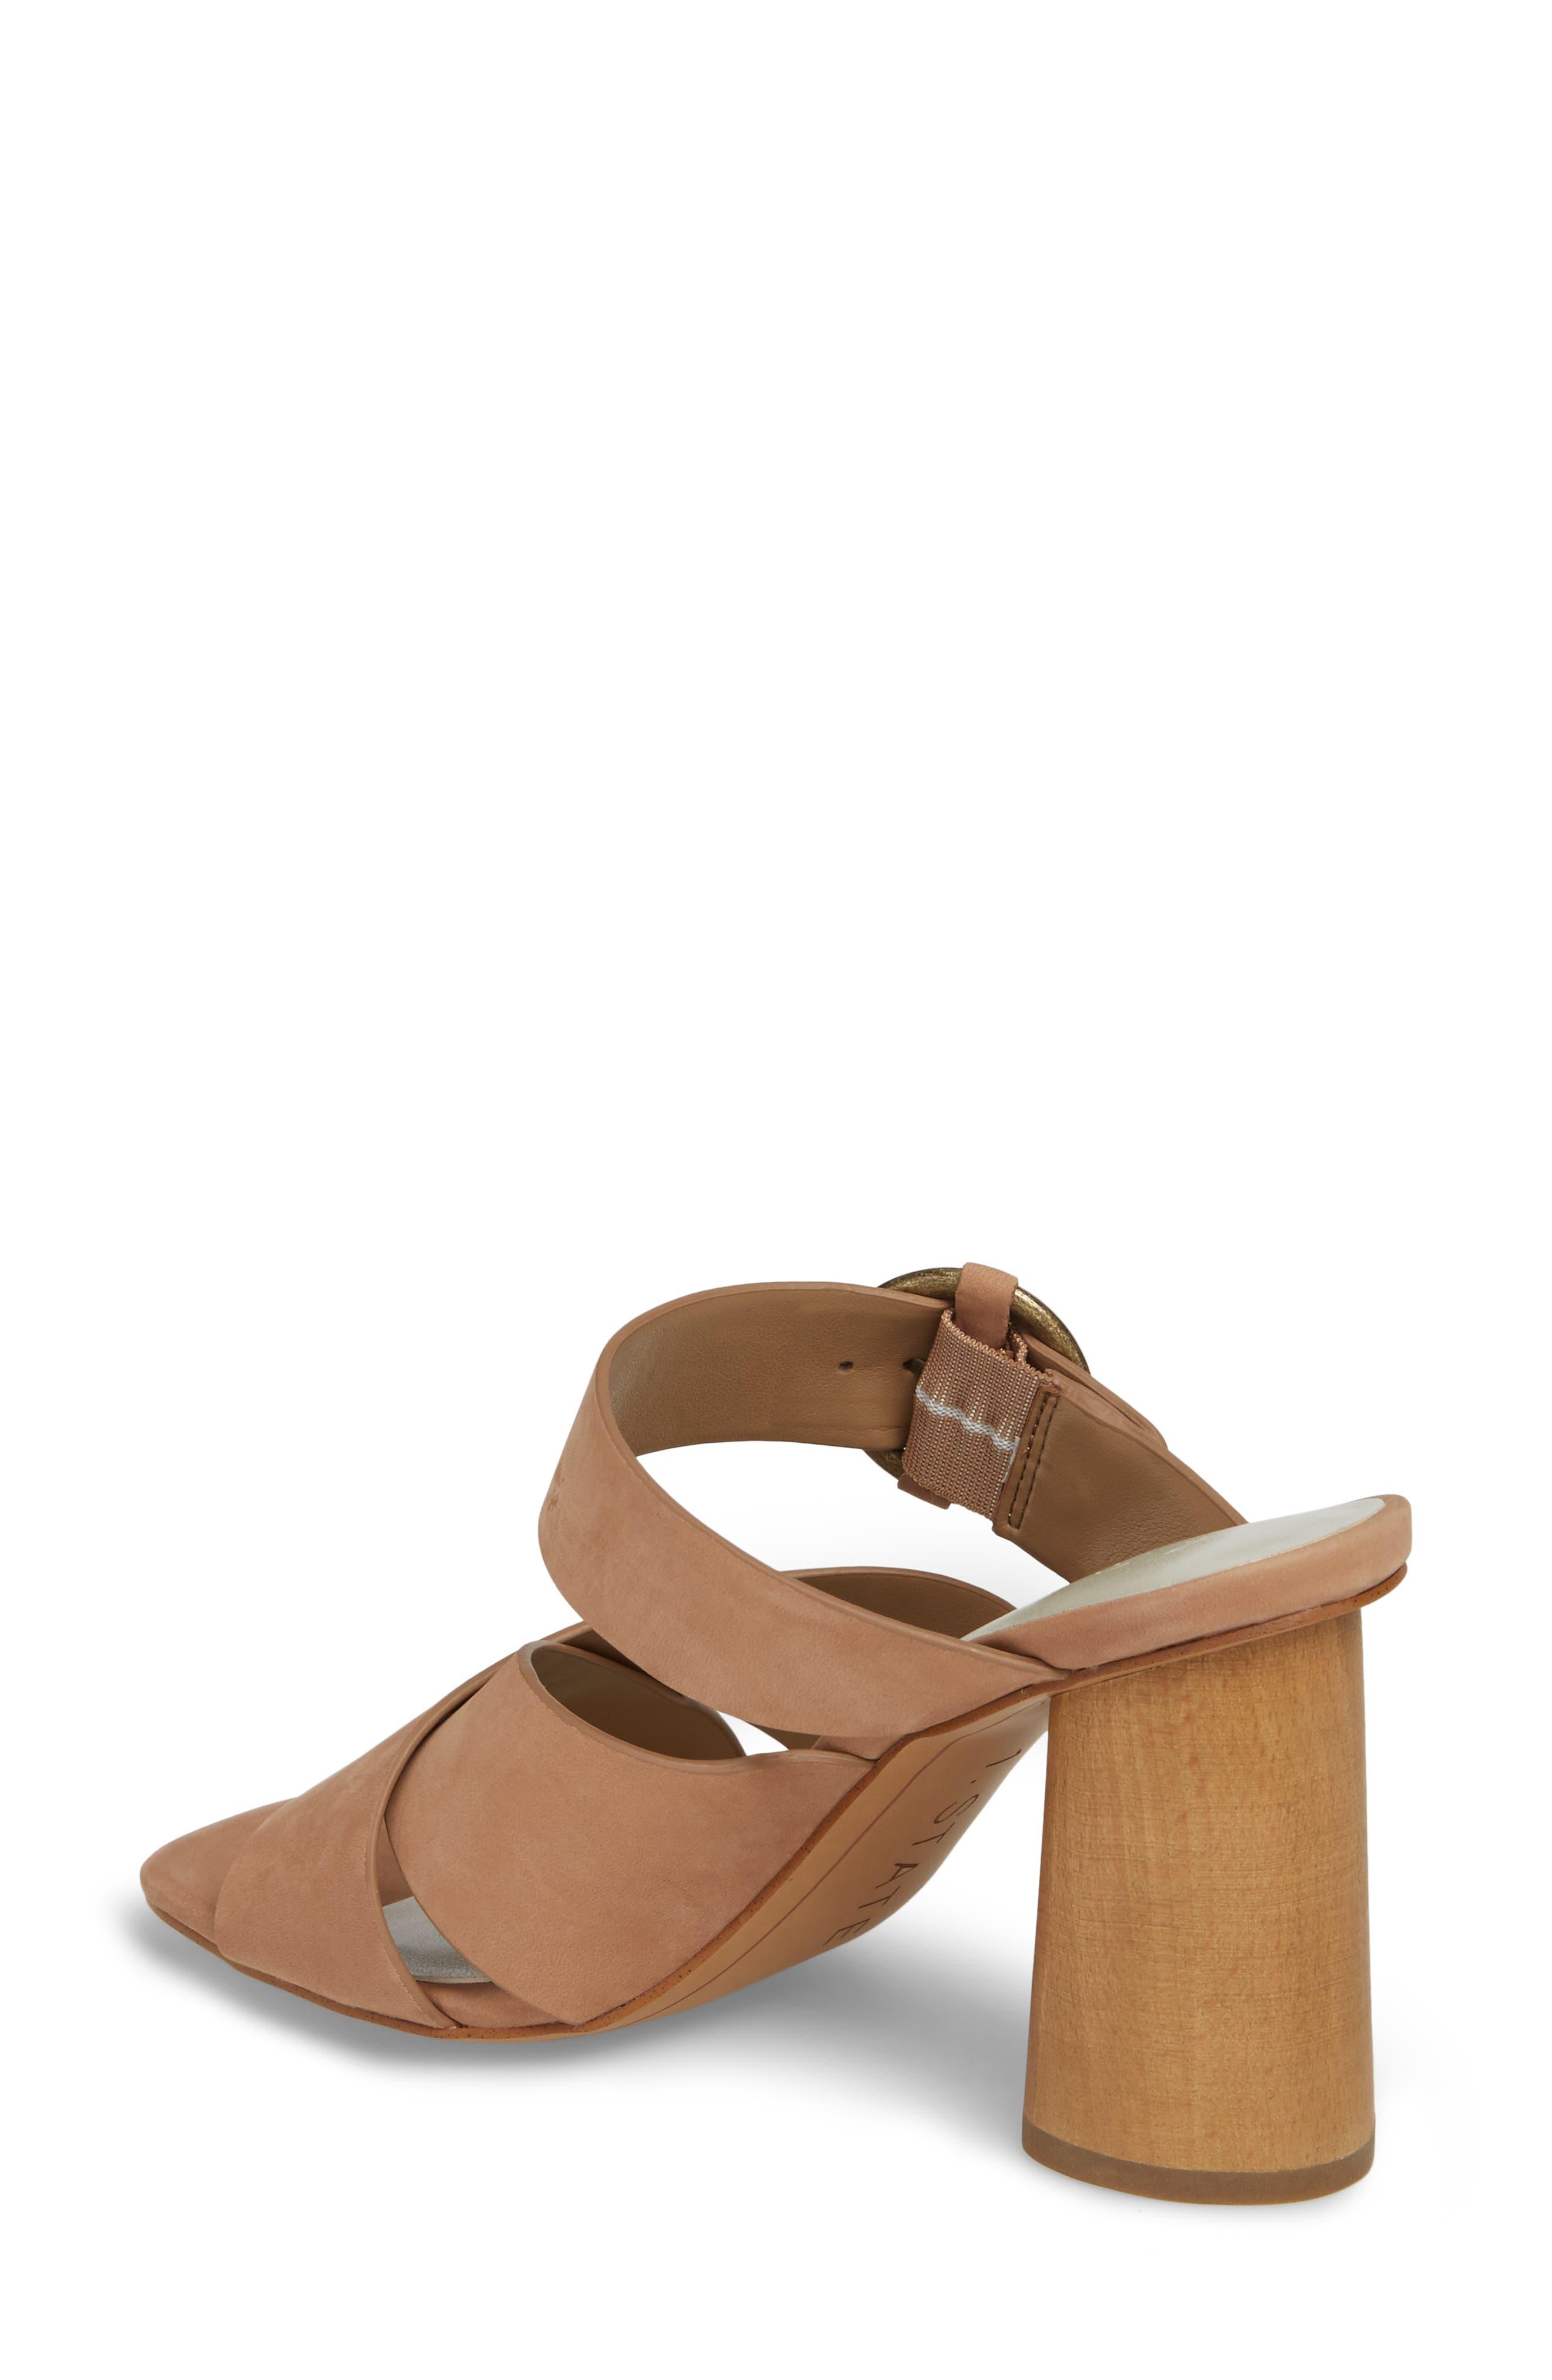 Icendra Flared Heel Mule Sandal,                             Alternate thumbnail 2, color,                             Teak Leather